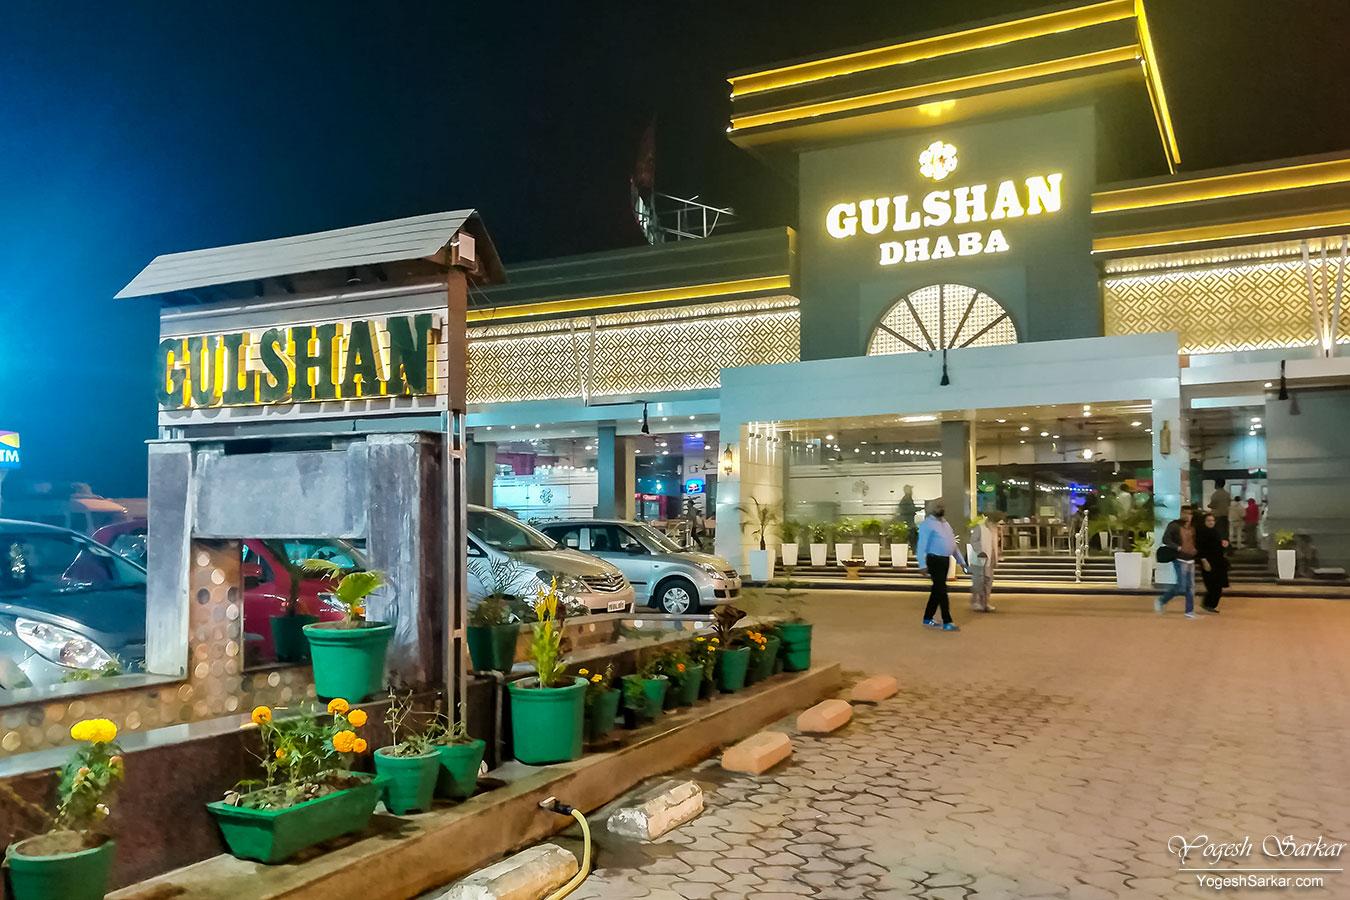 03-gulshan-dhaba-murthal.jpg